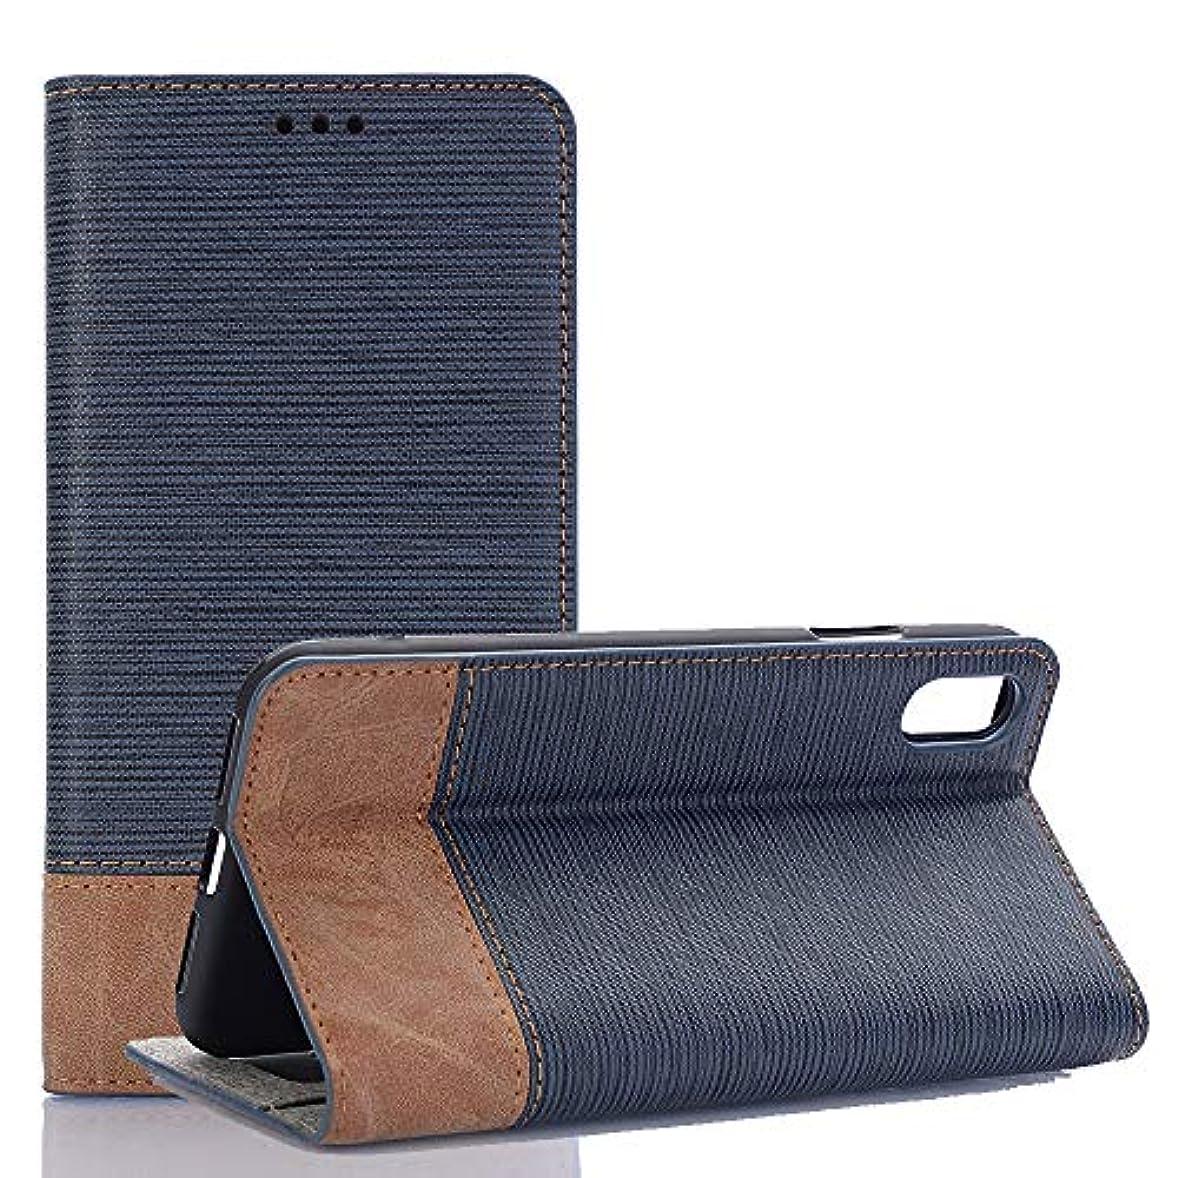 エネルギー契約する物語Galaxy S9 ケース、INorton 本革ケース 全面保護 衝撃吸収 スタンド機能 カード収納 手帳型 スマートケース Galaxy S9対応